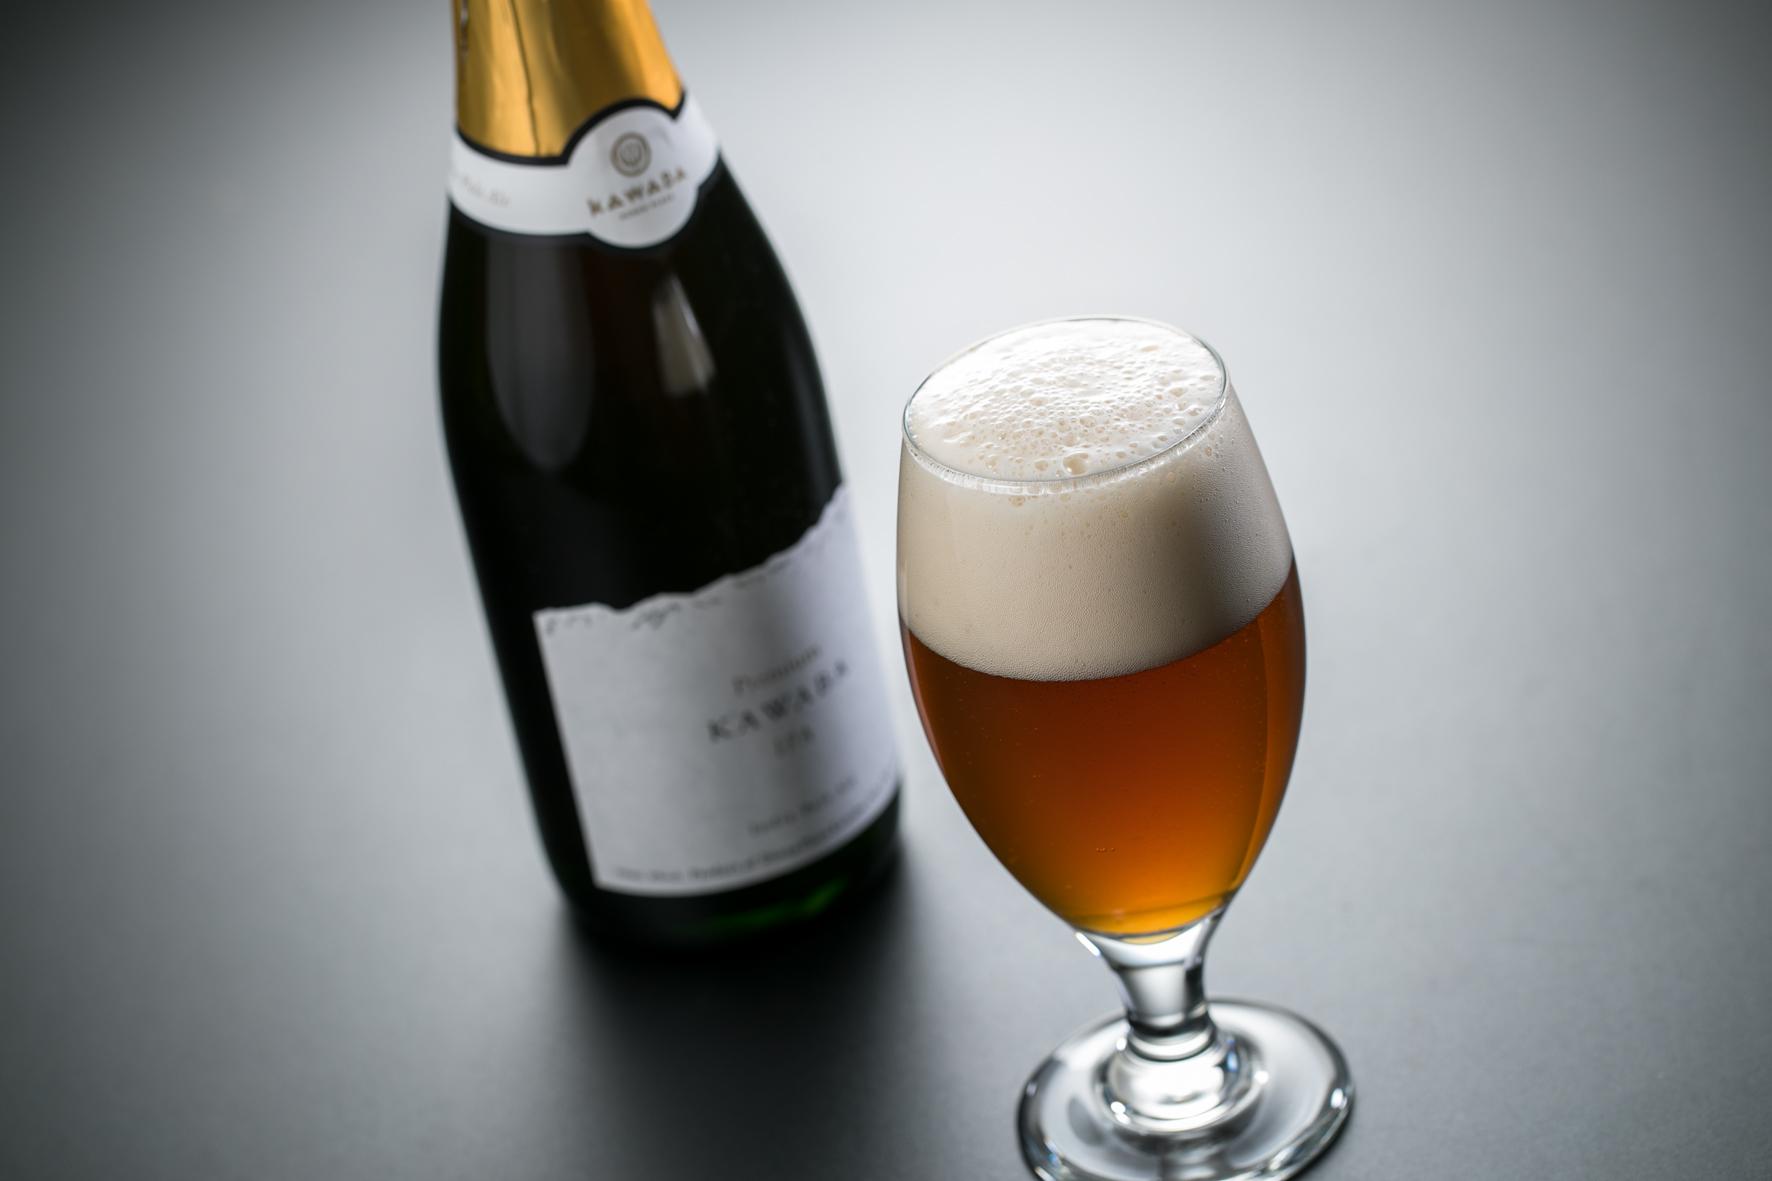 ビール4種詰め合わせセットの商品詳細イメージ-340